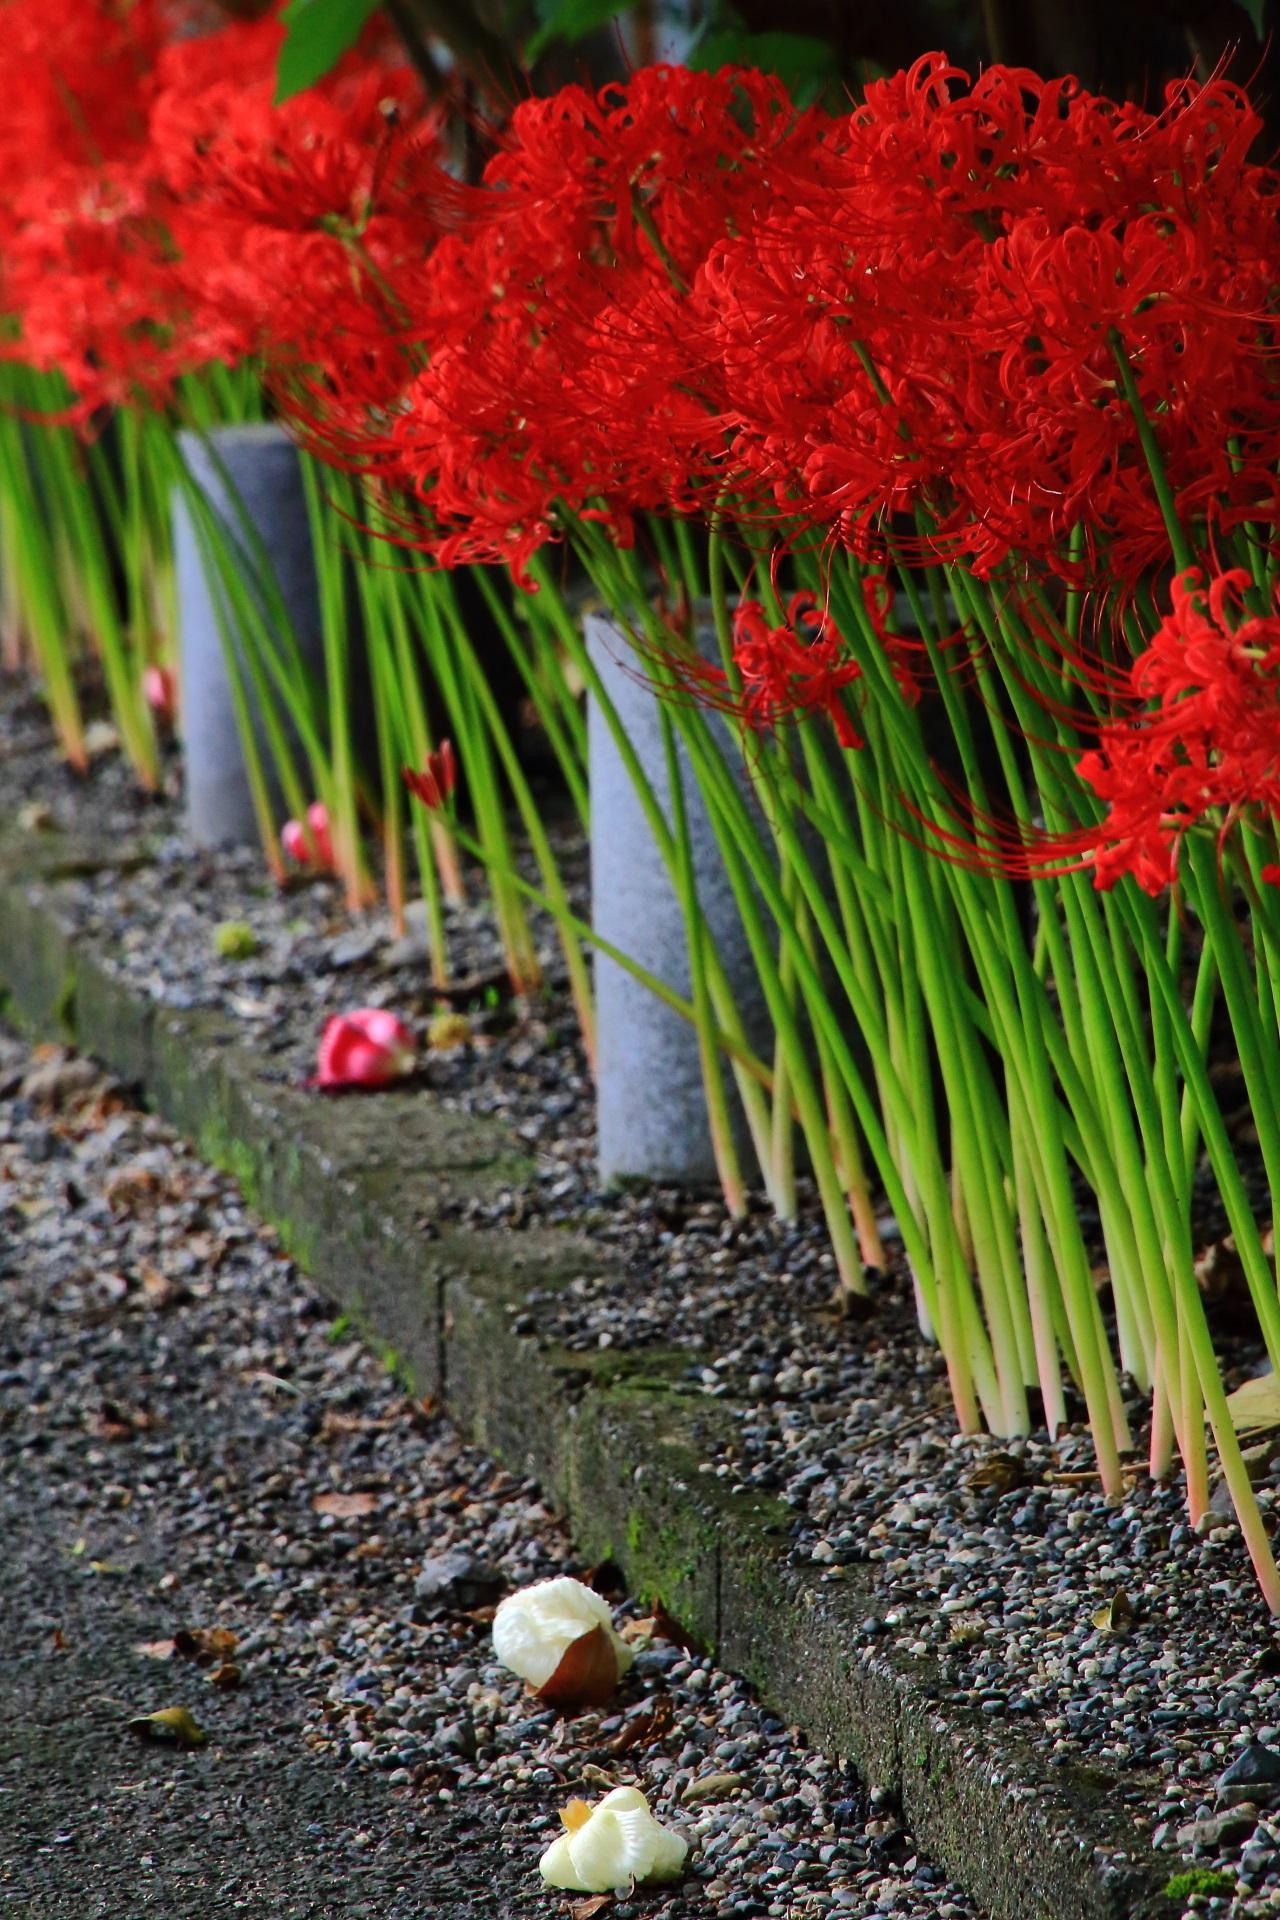 妙蓮寺の散った芙蓉の花と燃えるような赤い彼岸花